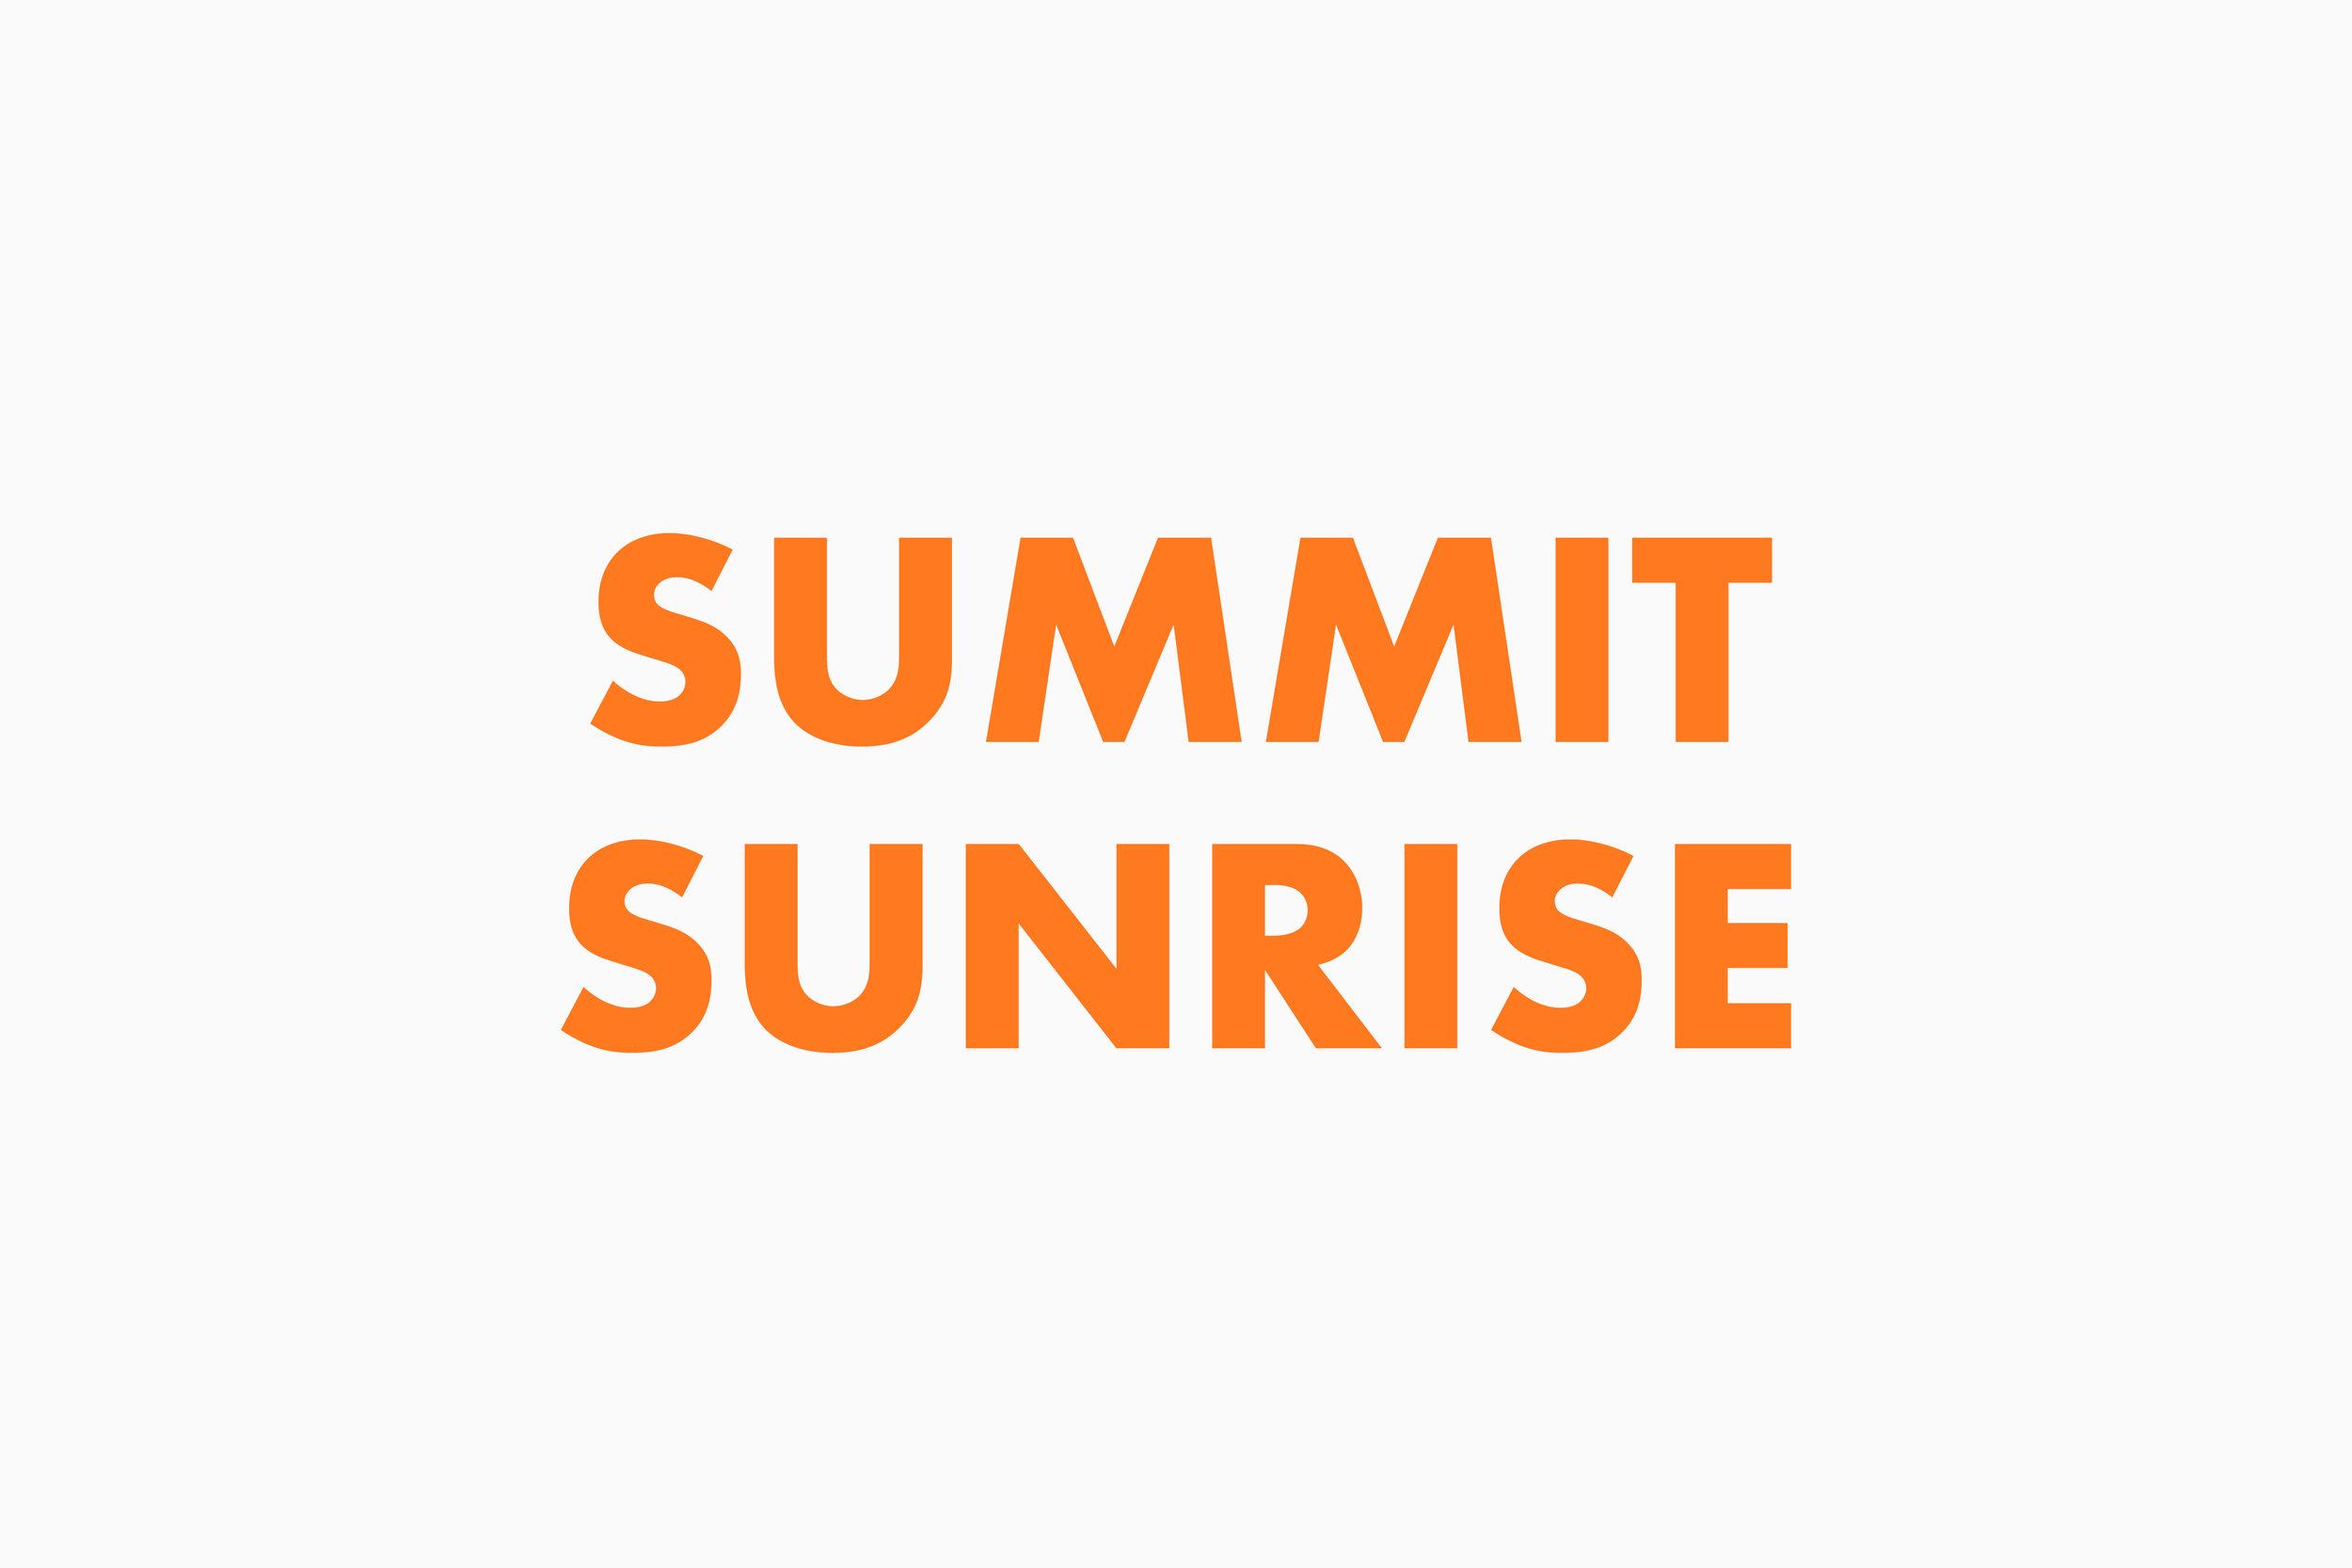 summit_sunrise.jpg